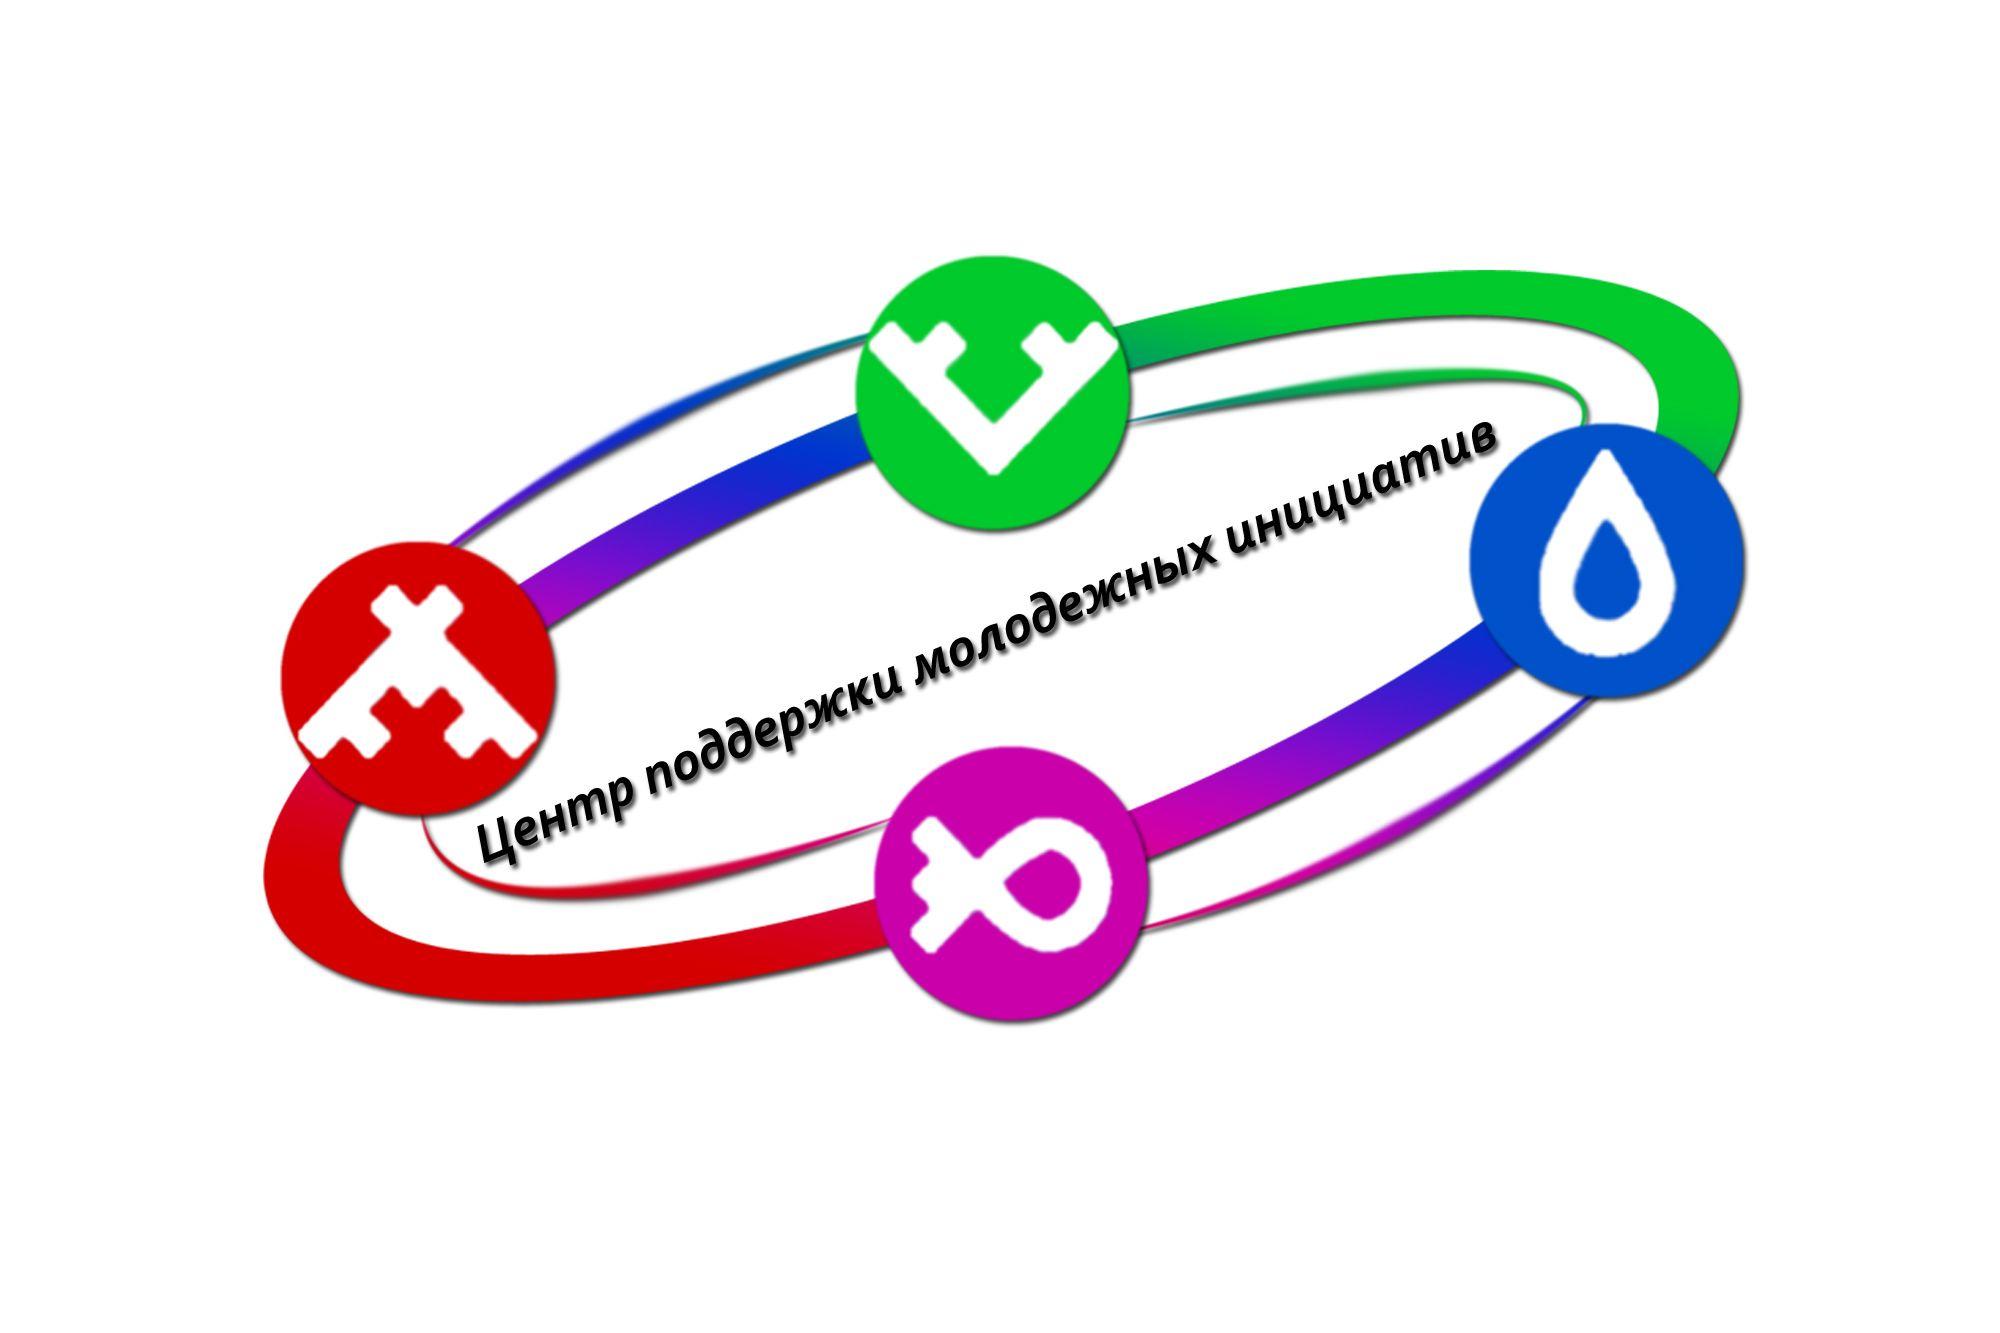 Логотип для Центра поддержки молодежных инициатив - дизайнер ivastov